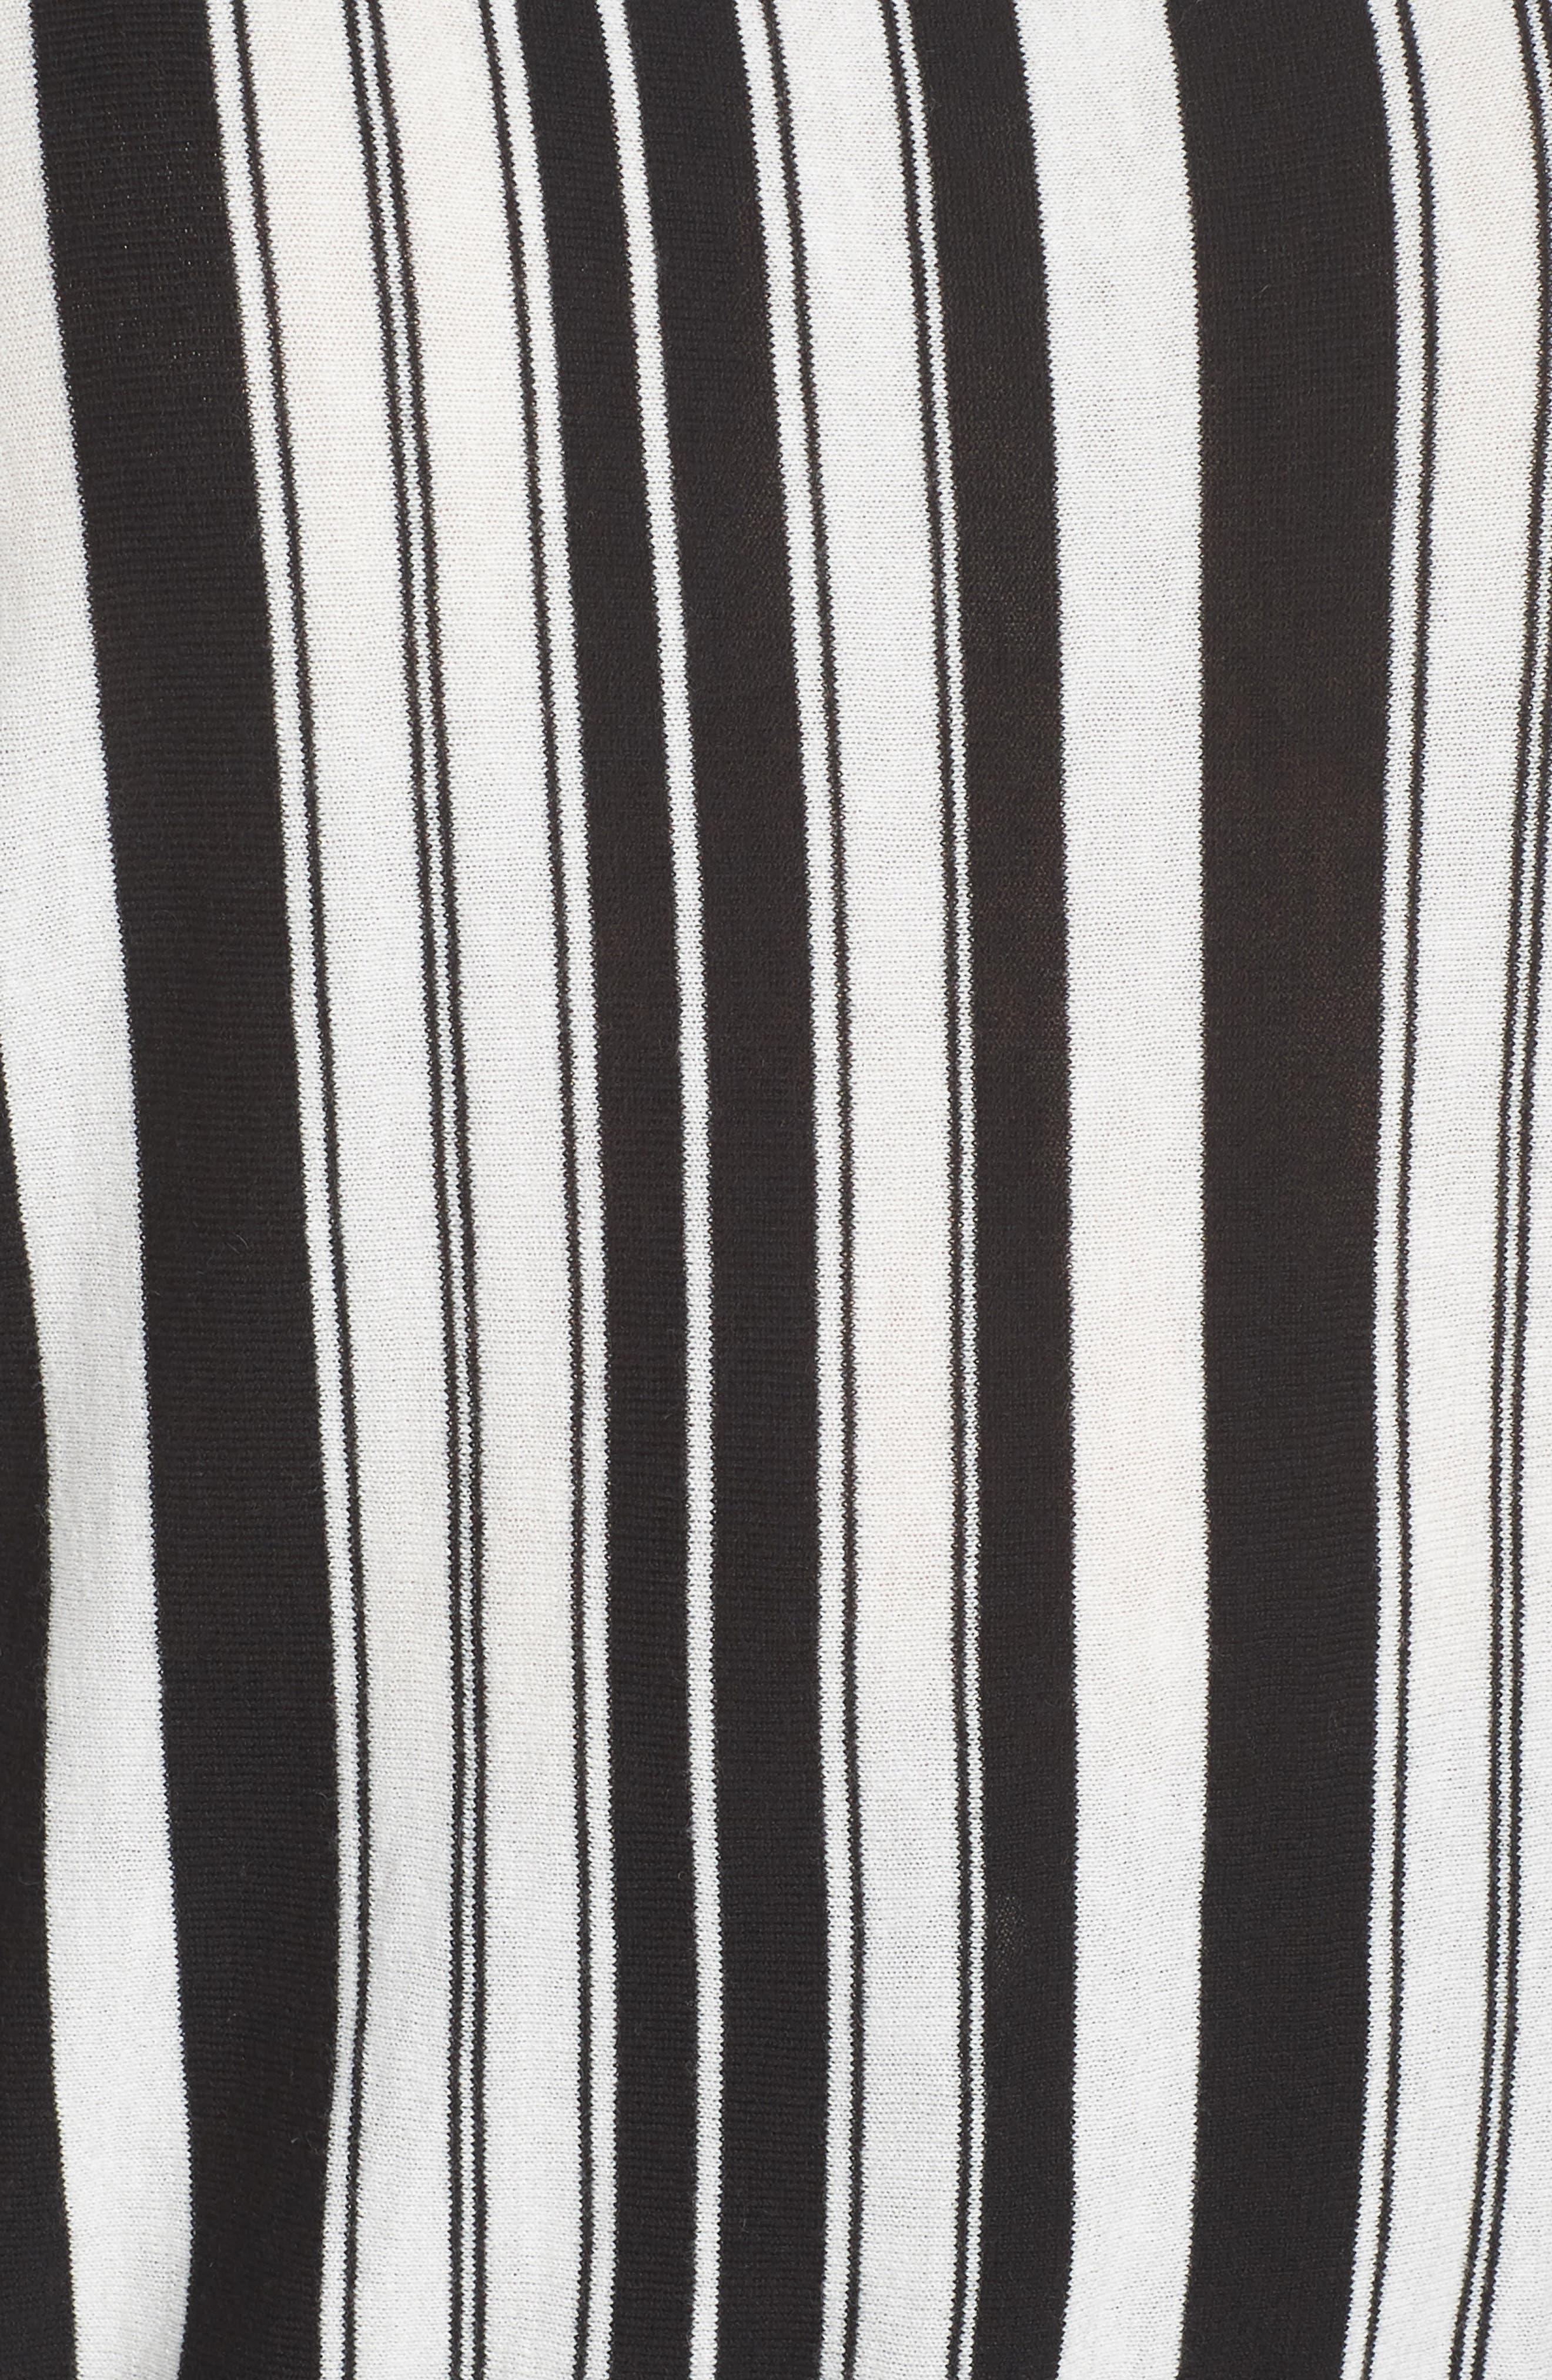 Stripe Pullover,                             Alternate thumbnail 5, color,                             BLACK- WHITE FIERCE STRIPE